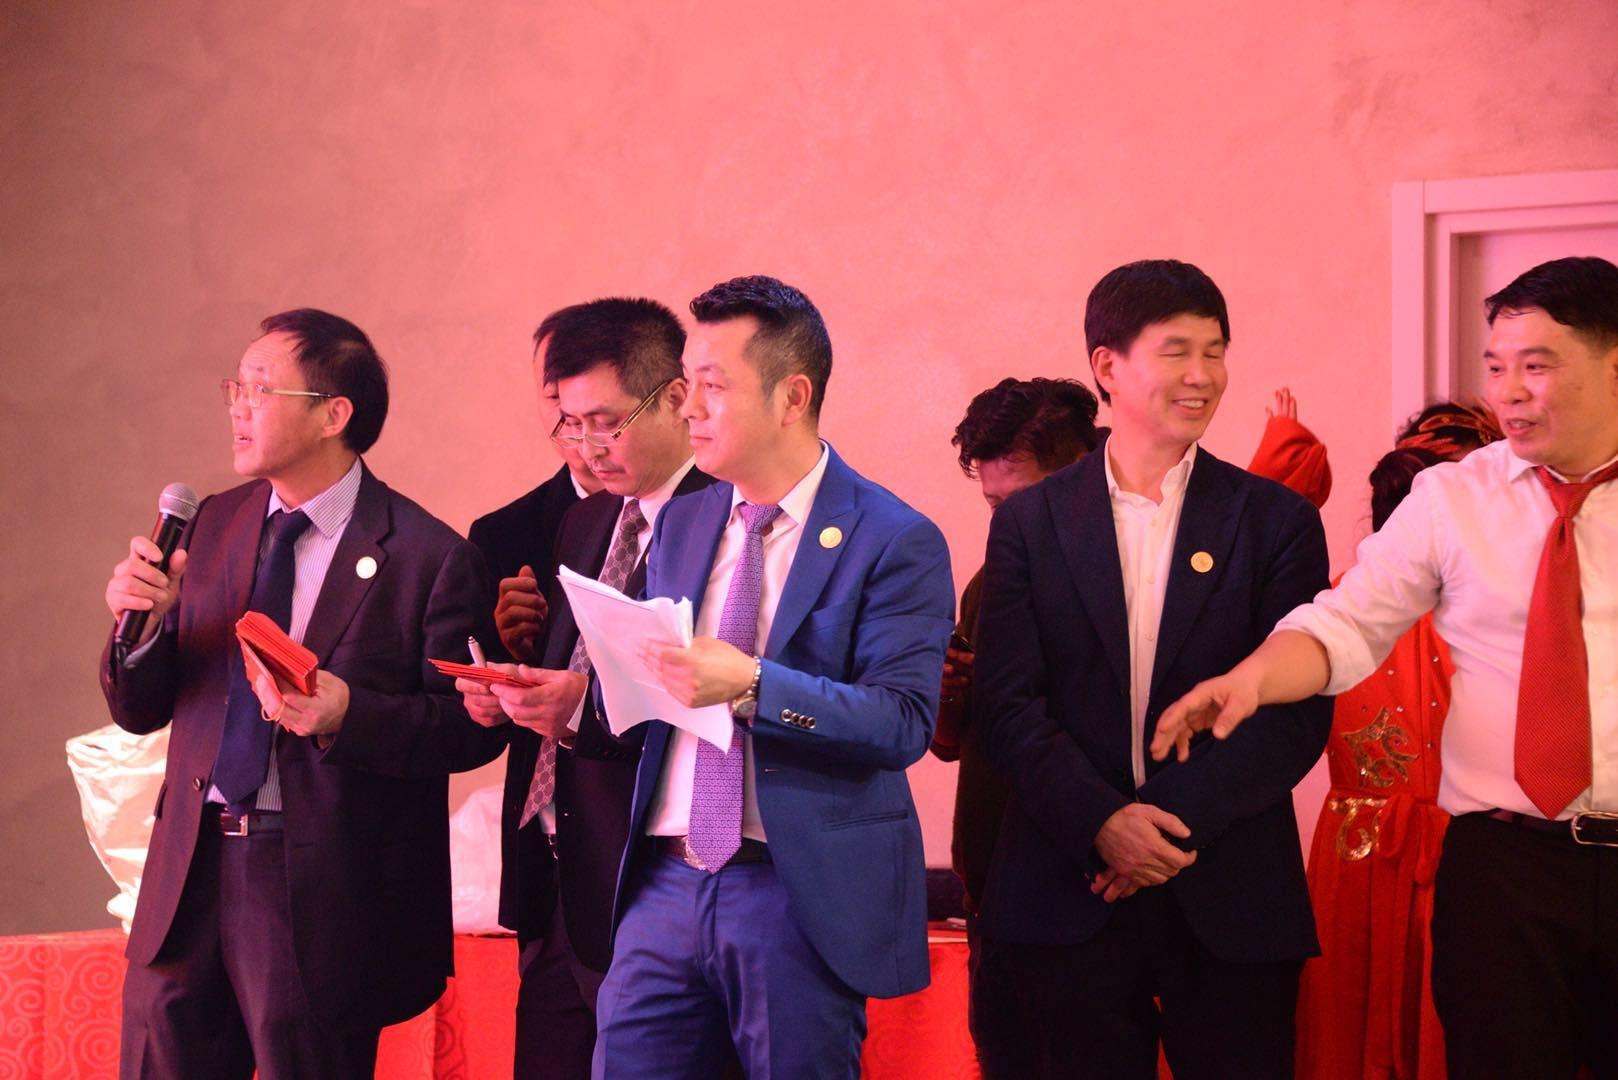 迎新春 辞旧岁――米兰文成同乡会隆重举办2018新春团拜会